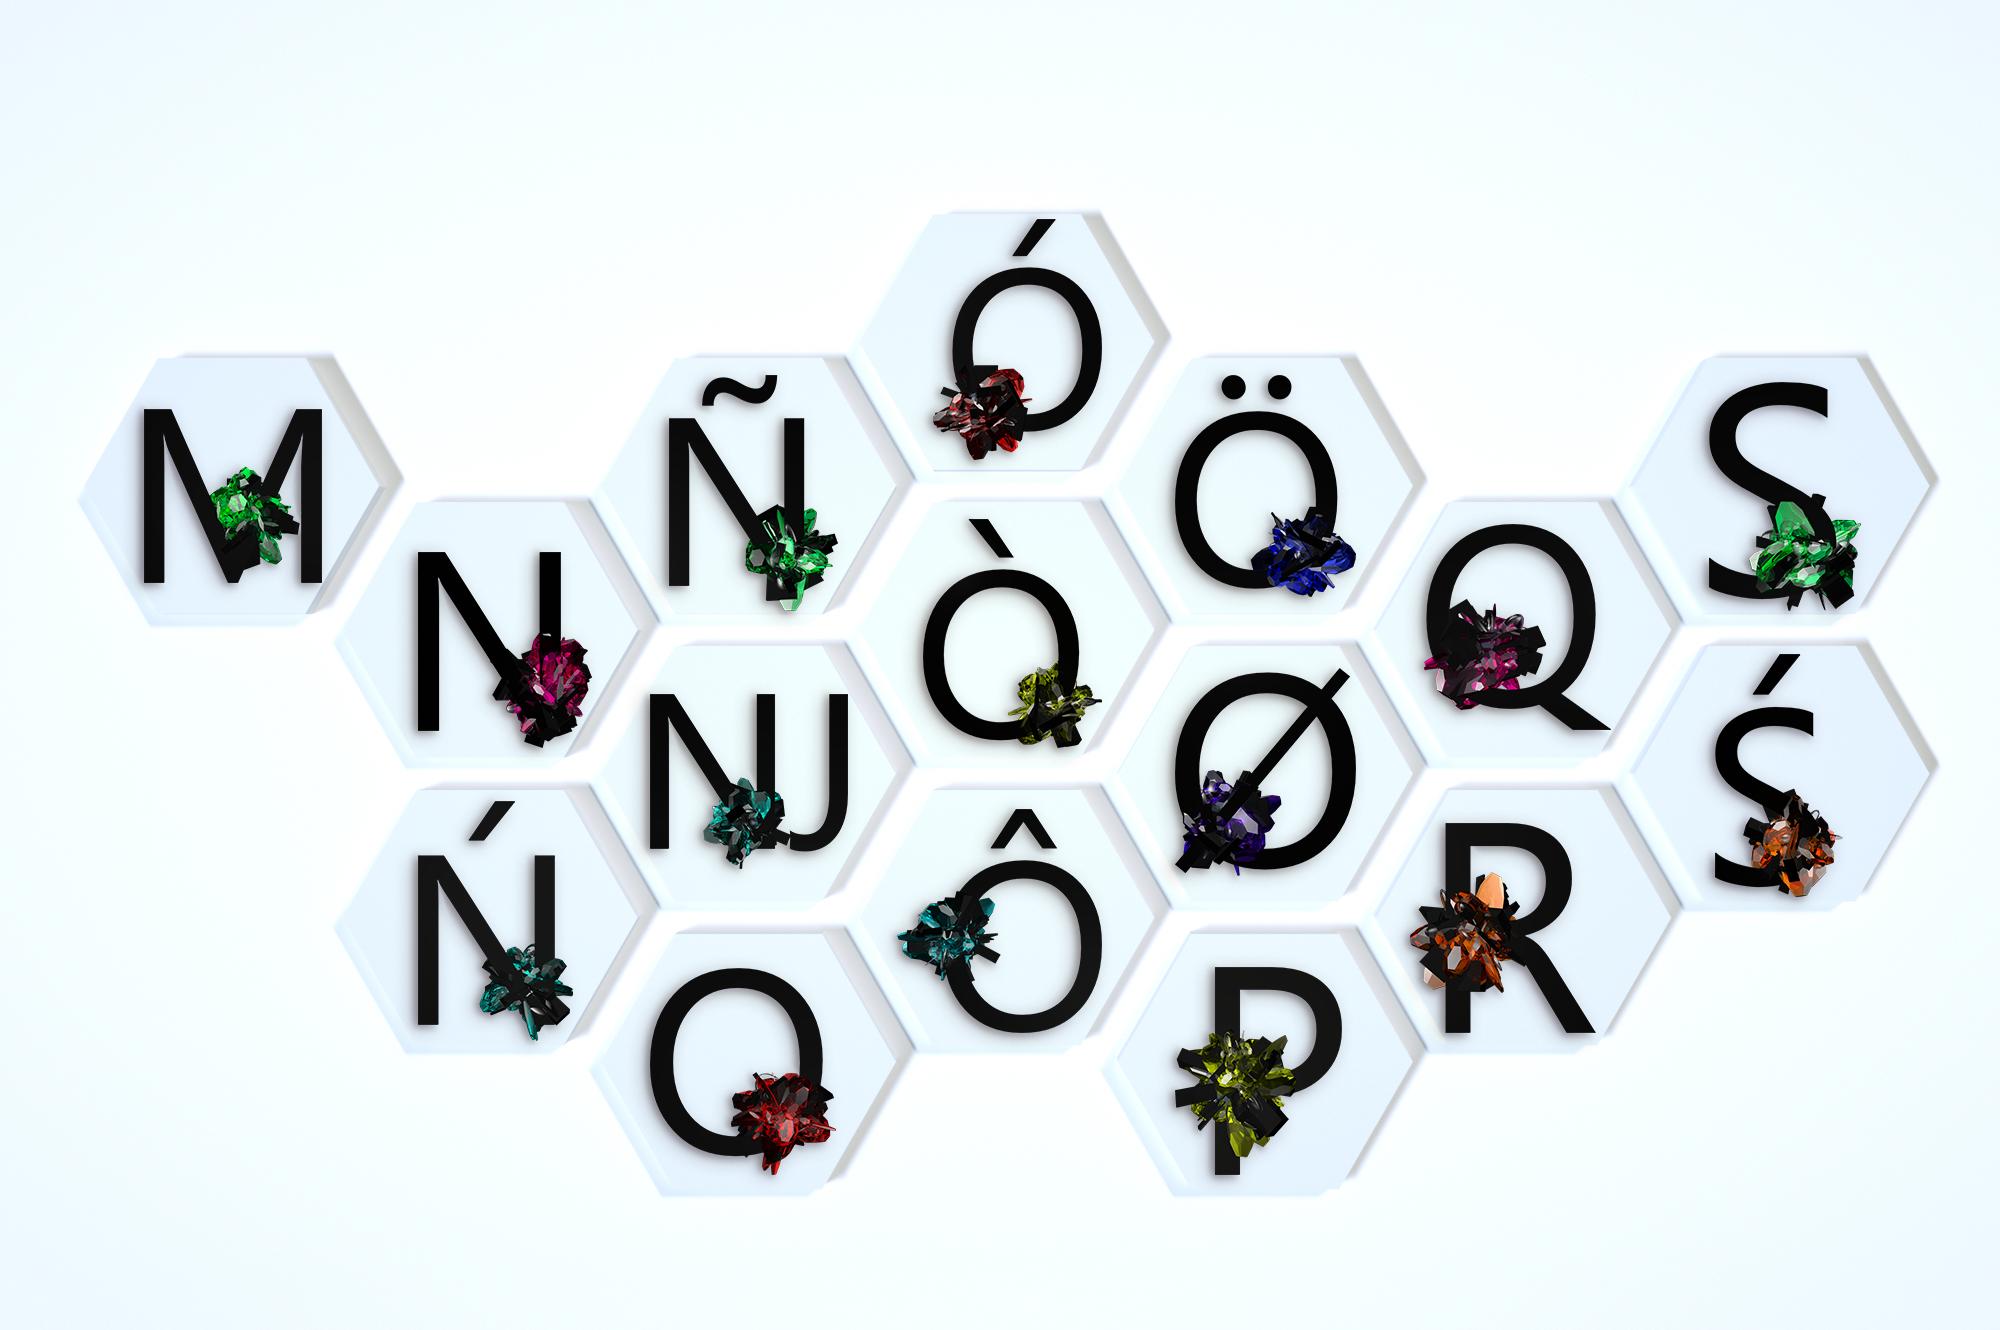 Crystal|Azbuka|Alphabet example image 8